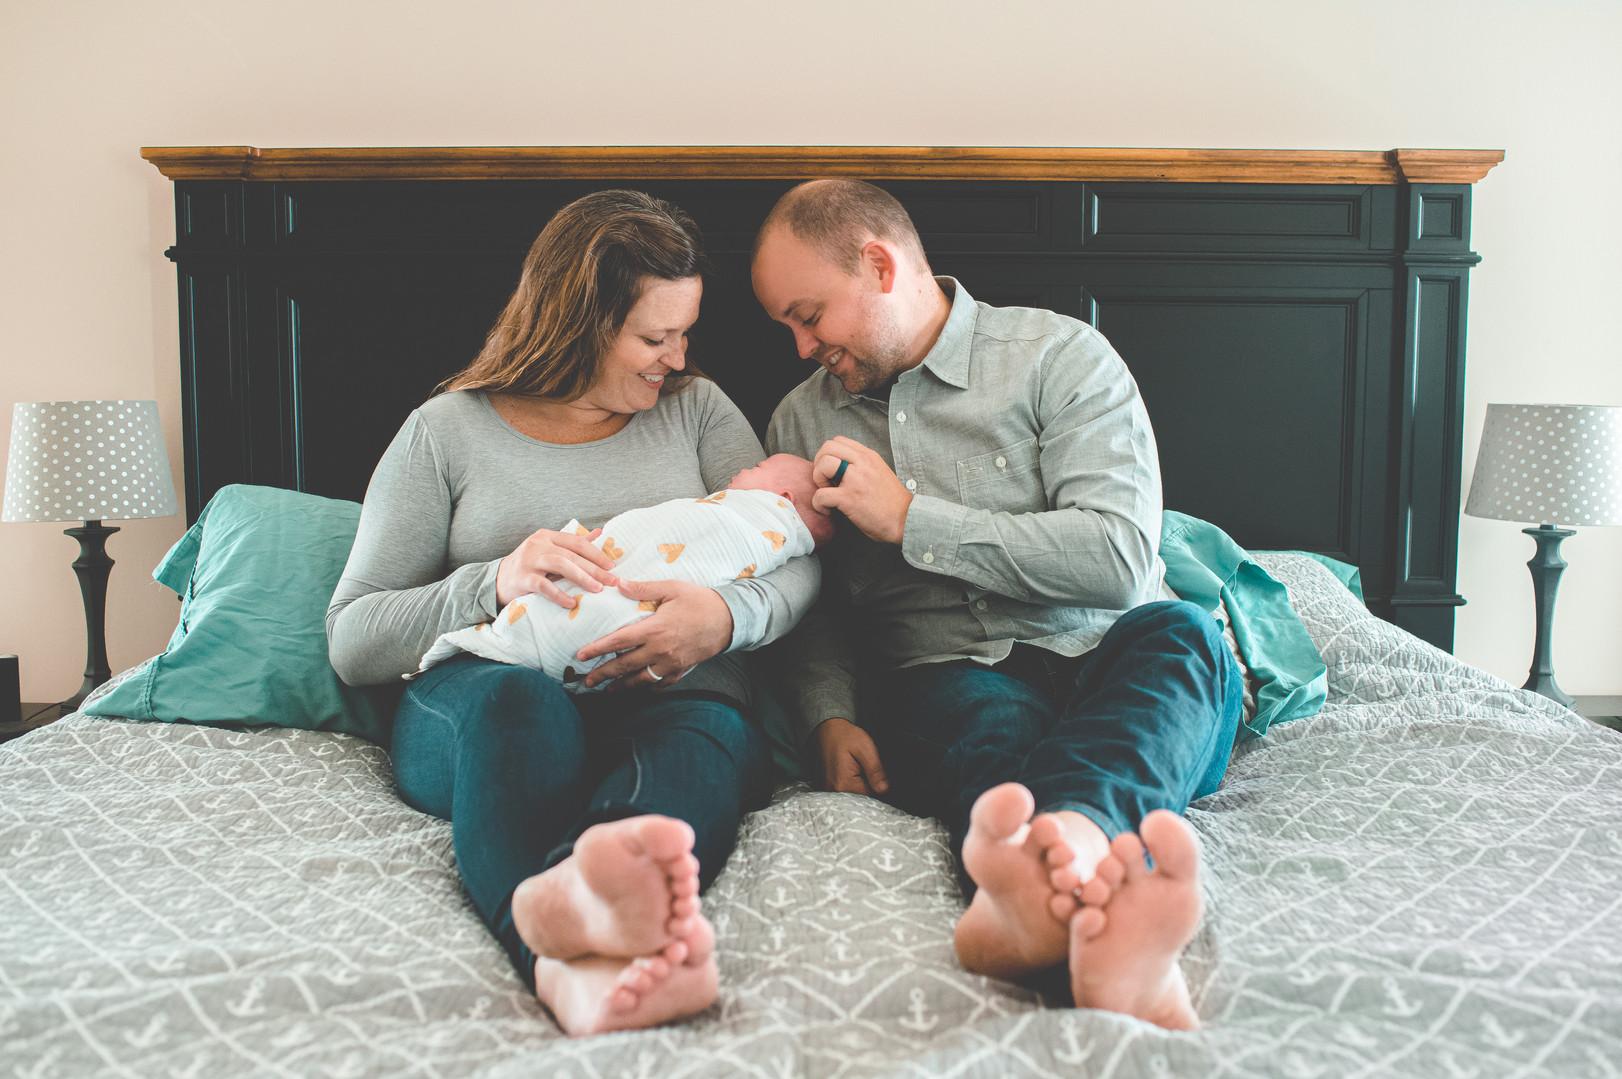 10222020-Megan+Logan Newborn-FINAL-6.jpg